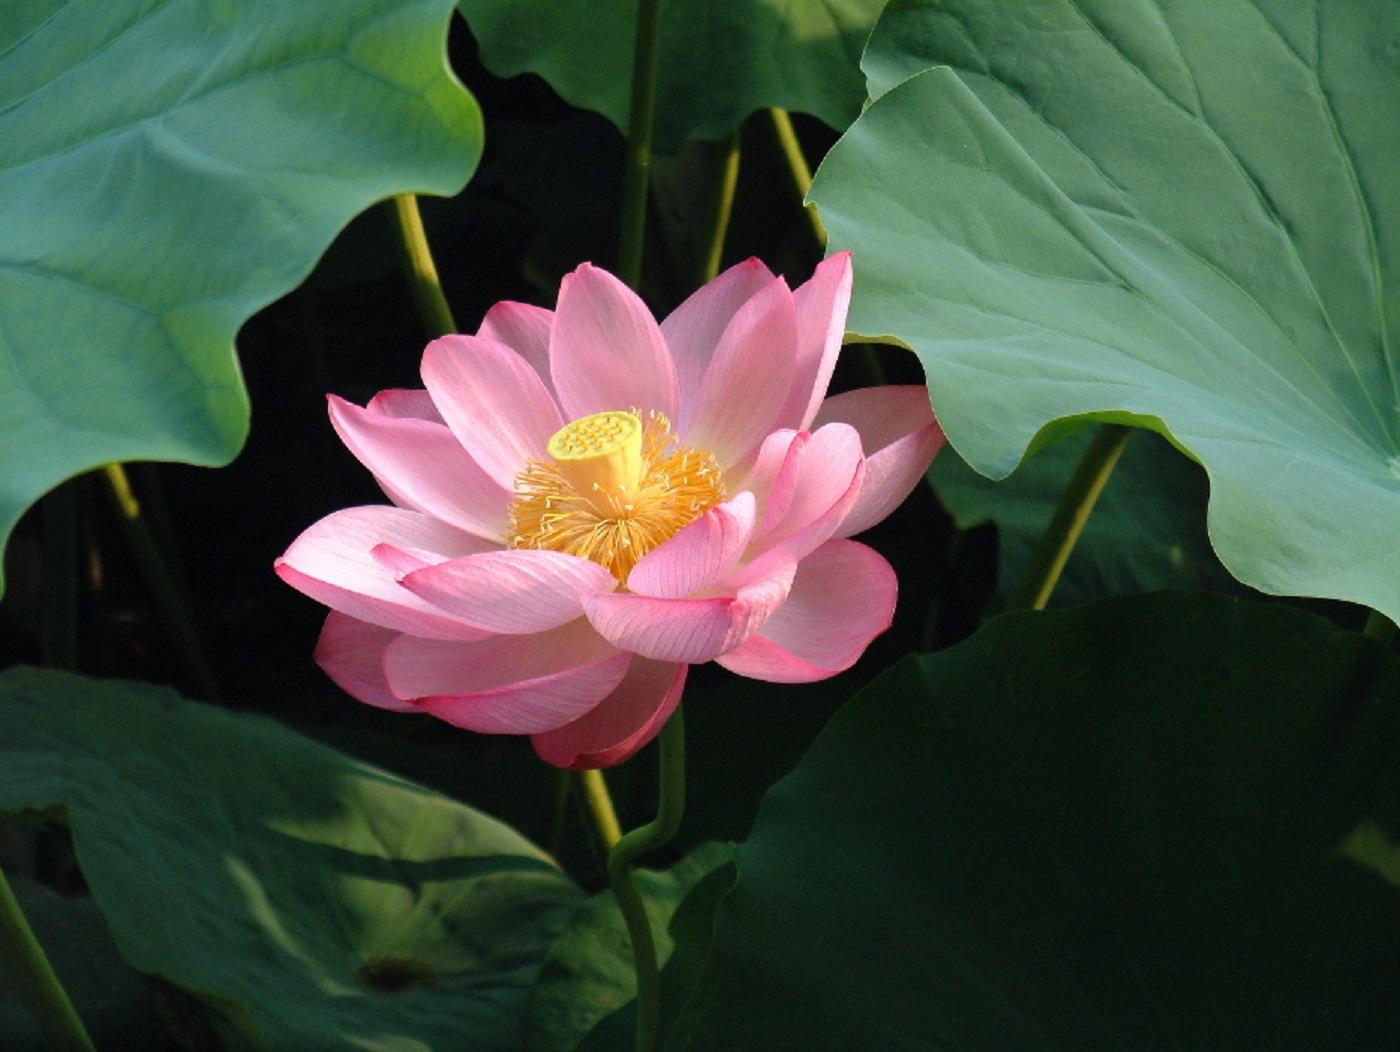 Il fior di loto asiatico (Nelumbo nucifera)